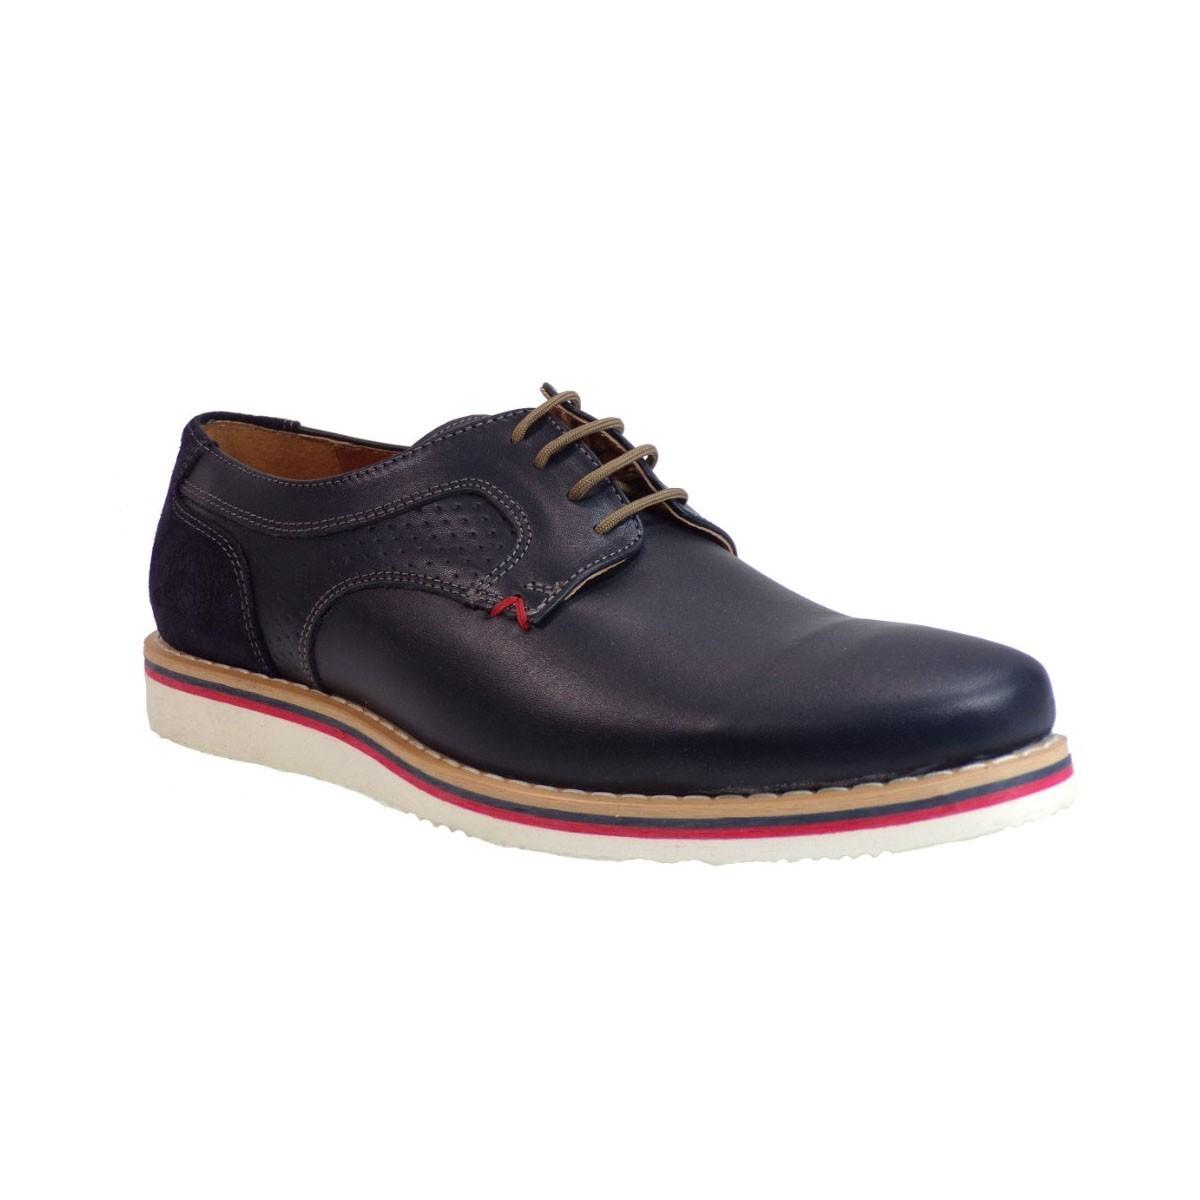 Commanchero Ανδρικά Παπούτσια 91613-127 Μπλε